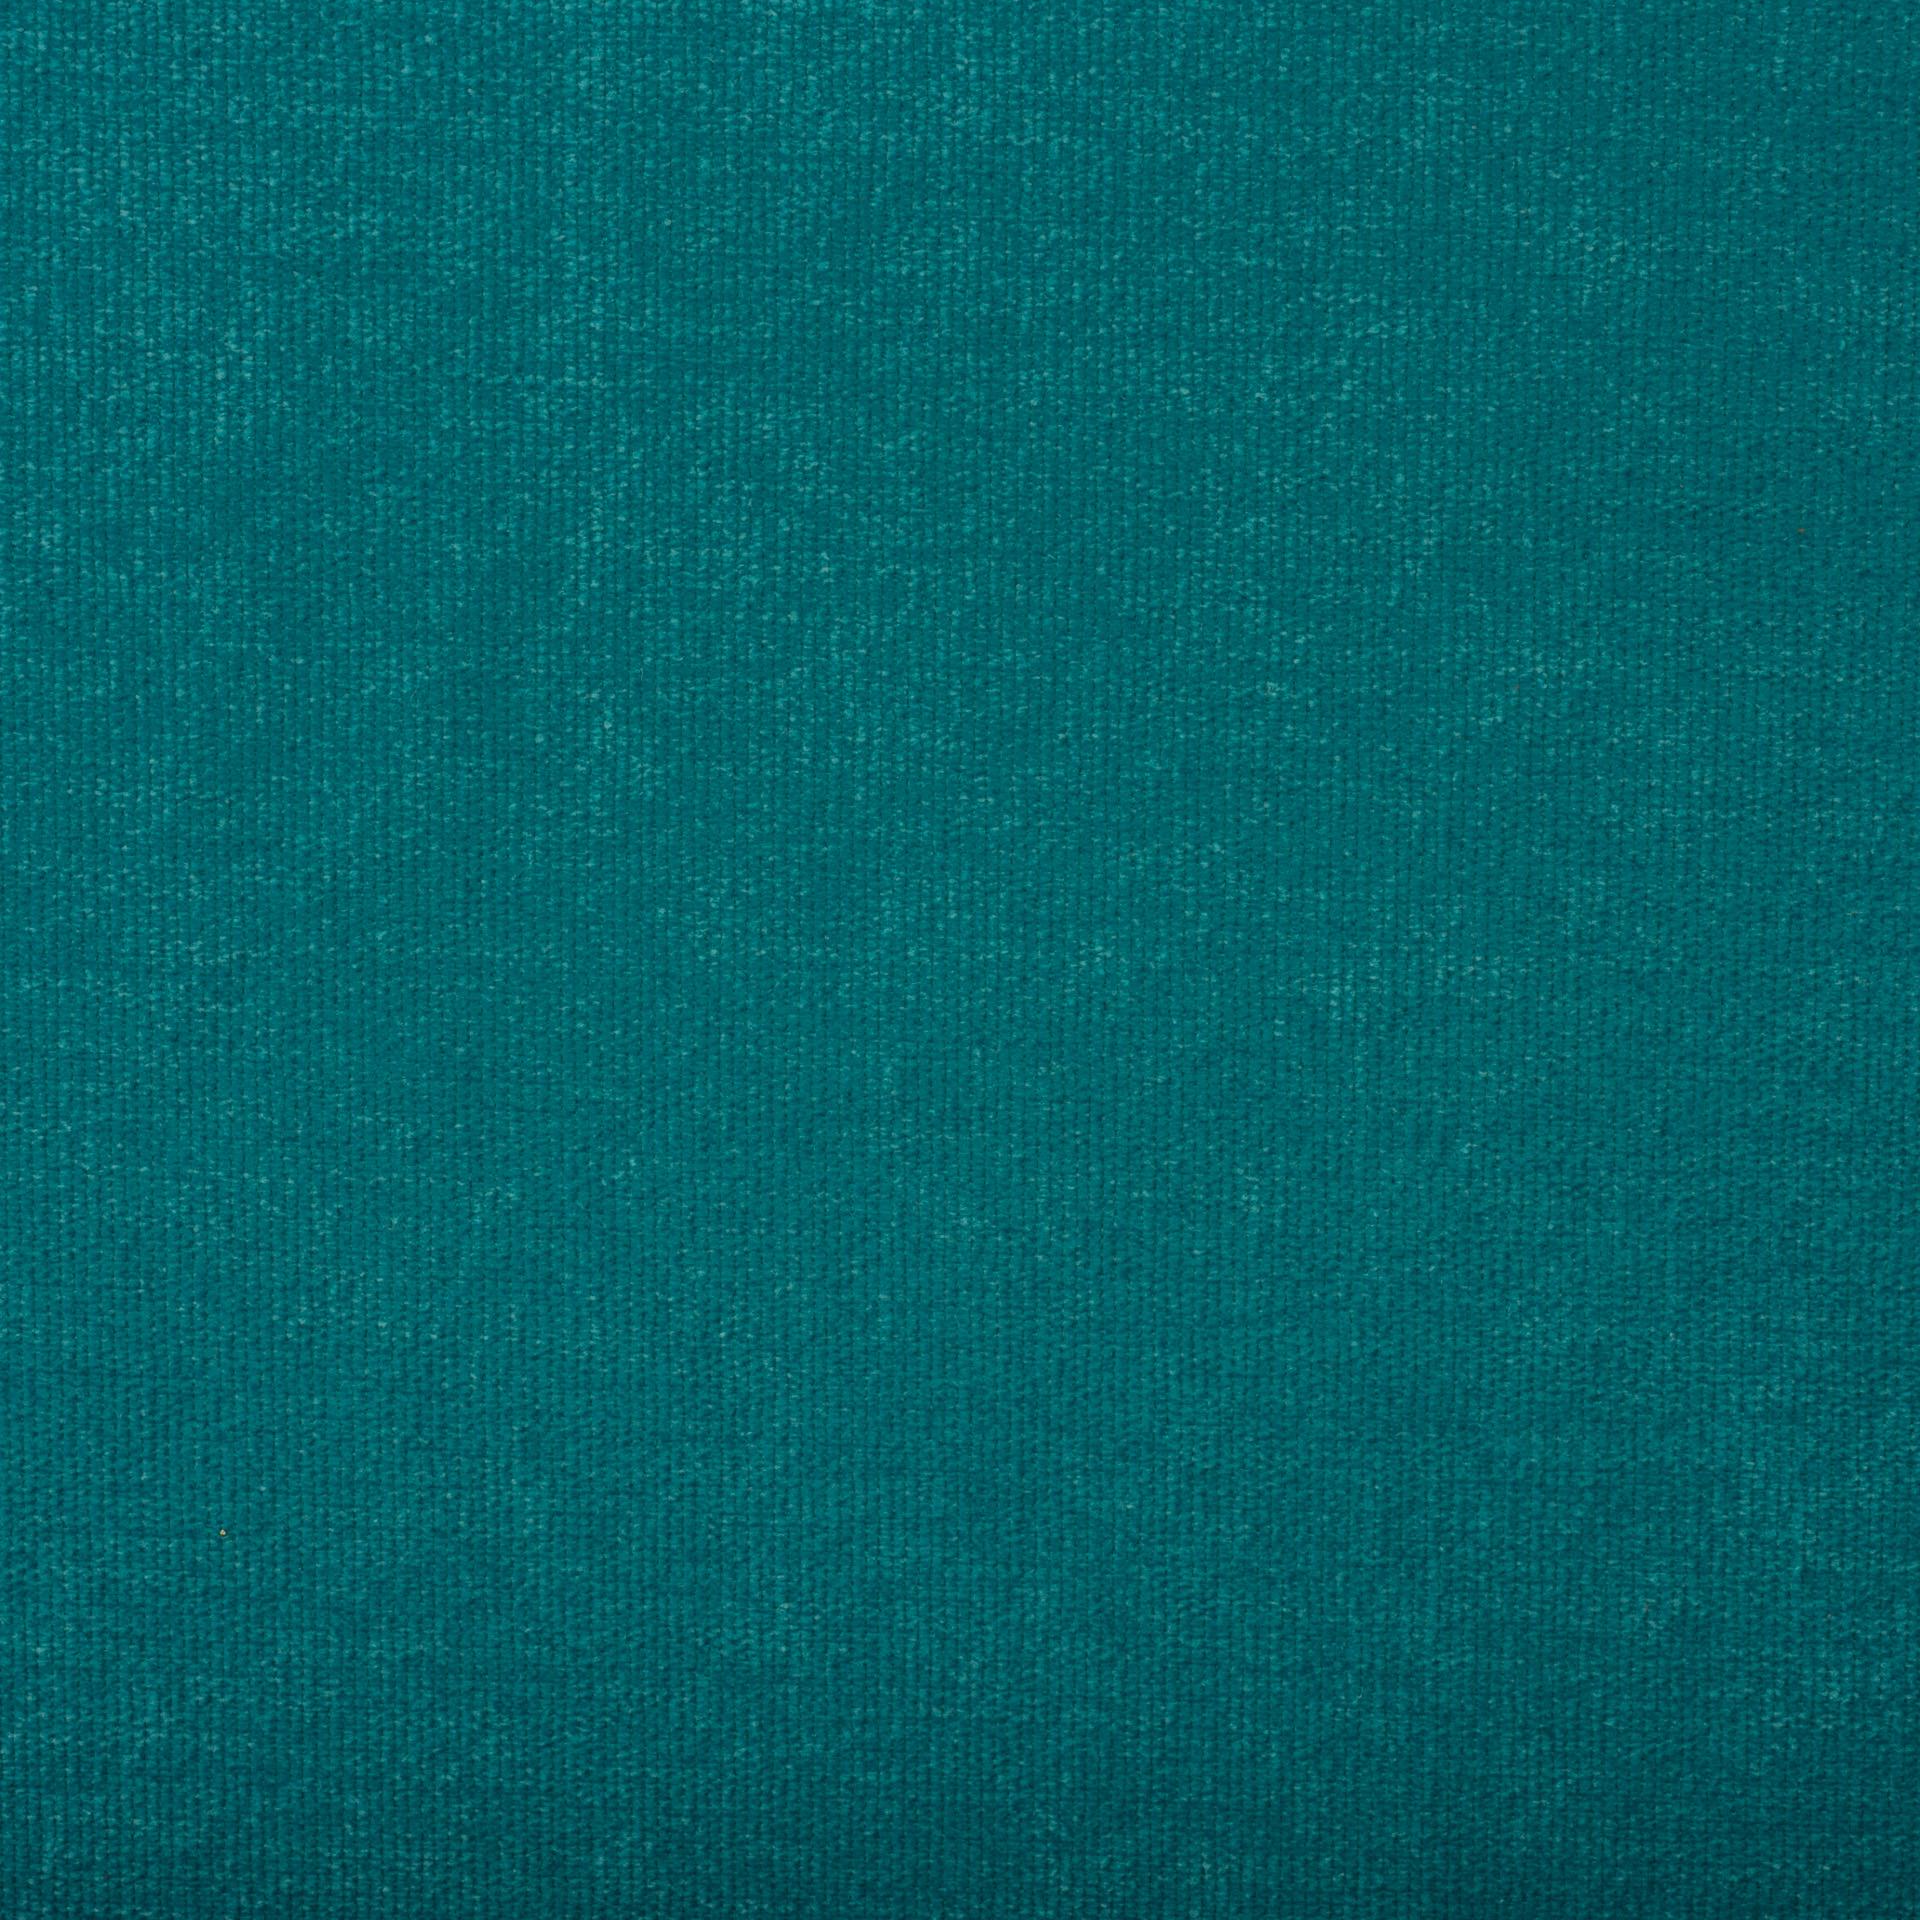 Коллекция ткани Кордрой 334,  купить ткань Велюр для мебели Украина